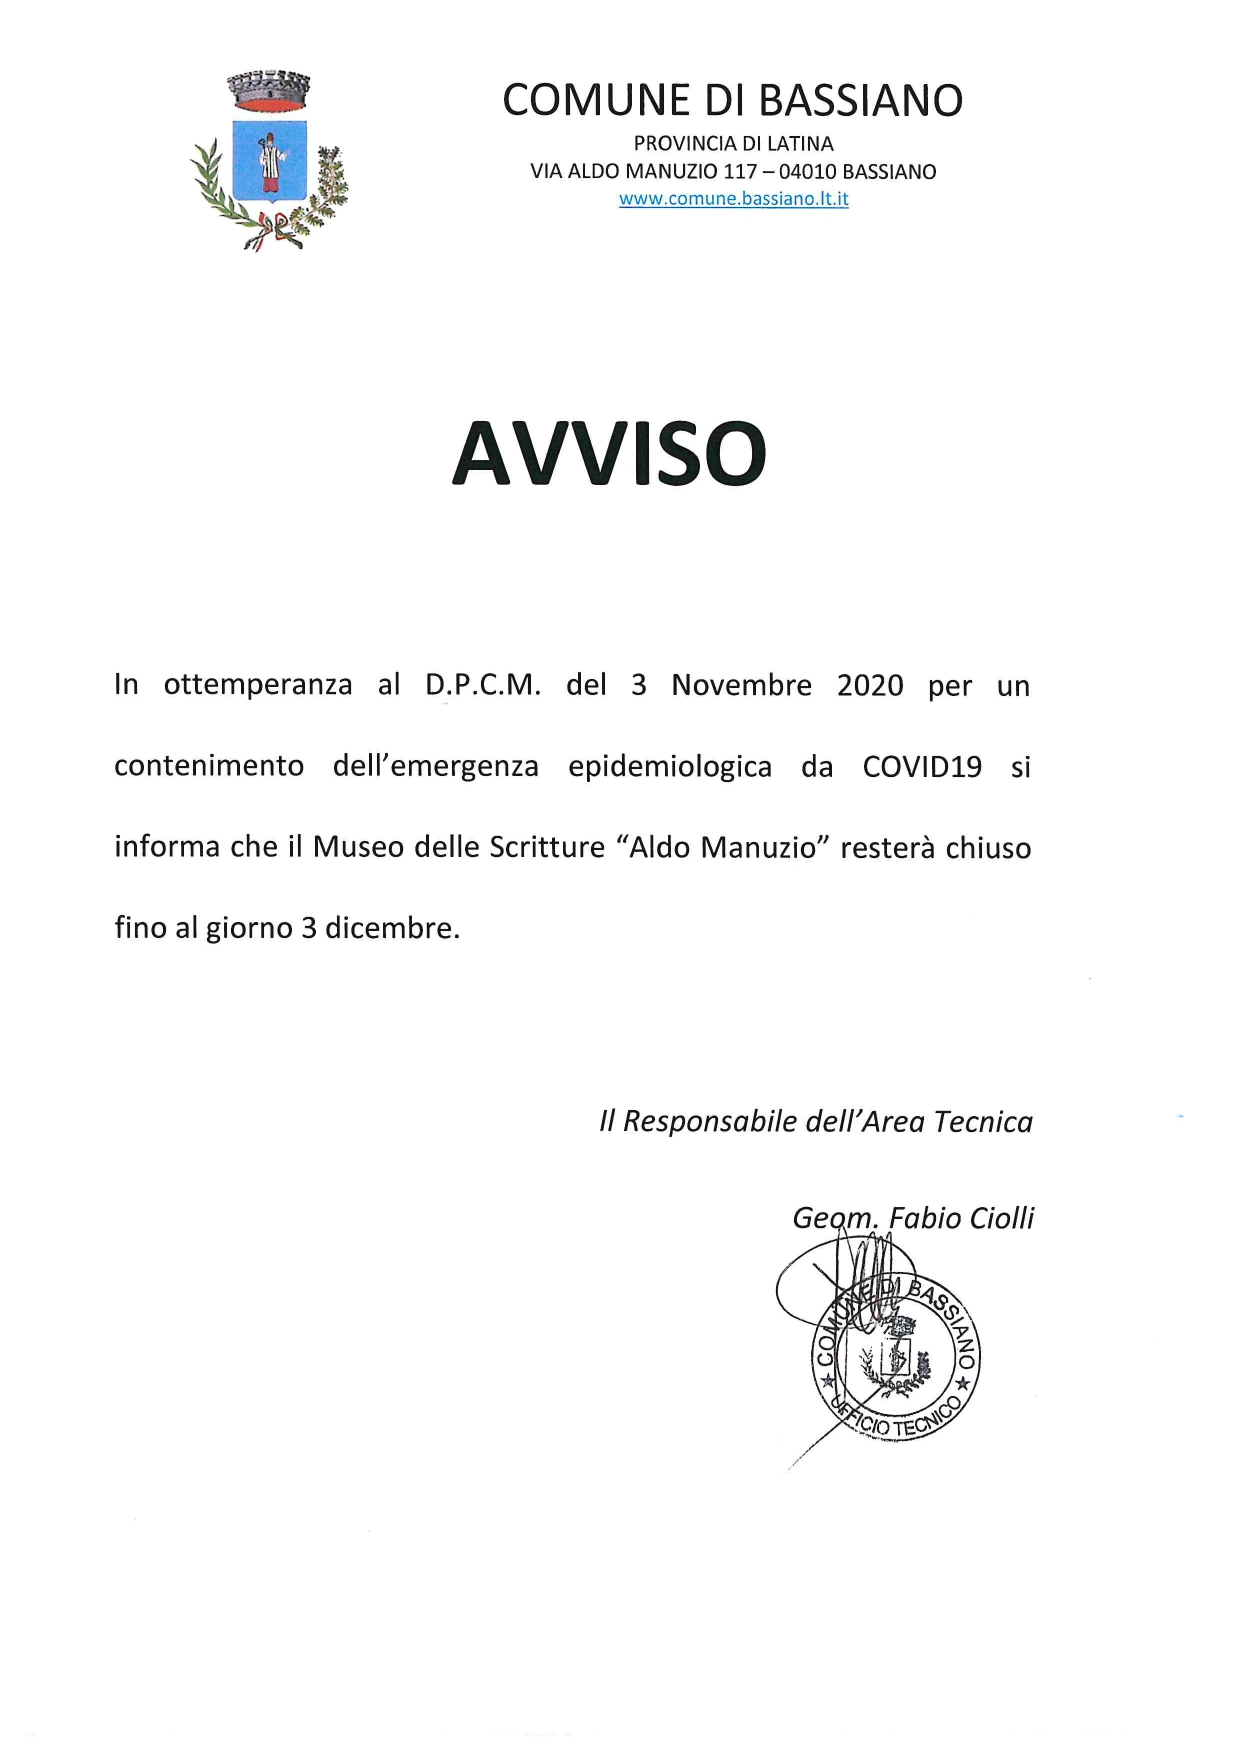 DPCM - CHIUSURA MUSEO DELLE SCRITTURE